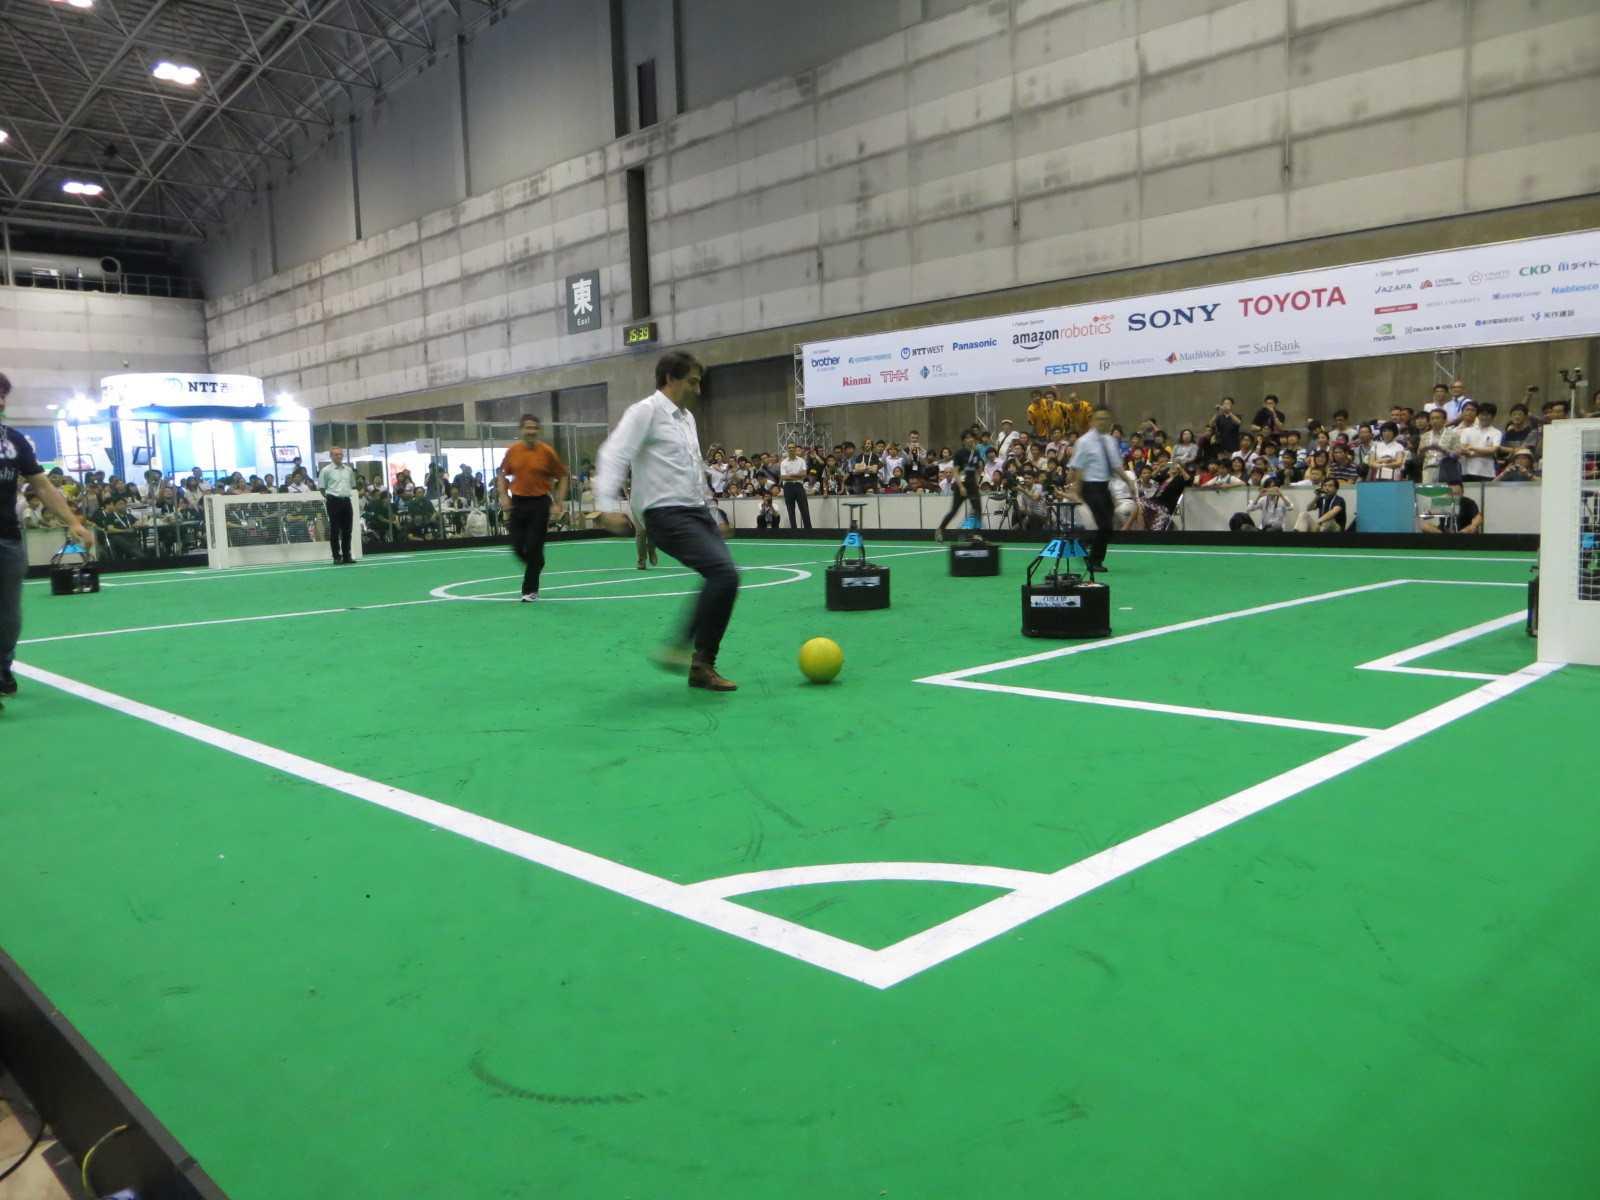 Wenn Menschen mit Robotern Fußball spielen (wie hier bei der RoboCup-WM 2017) — ist das dann noch traditioneller Sport oder schon E-Sport?